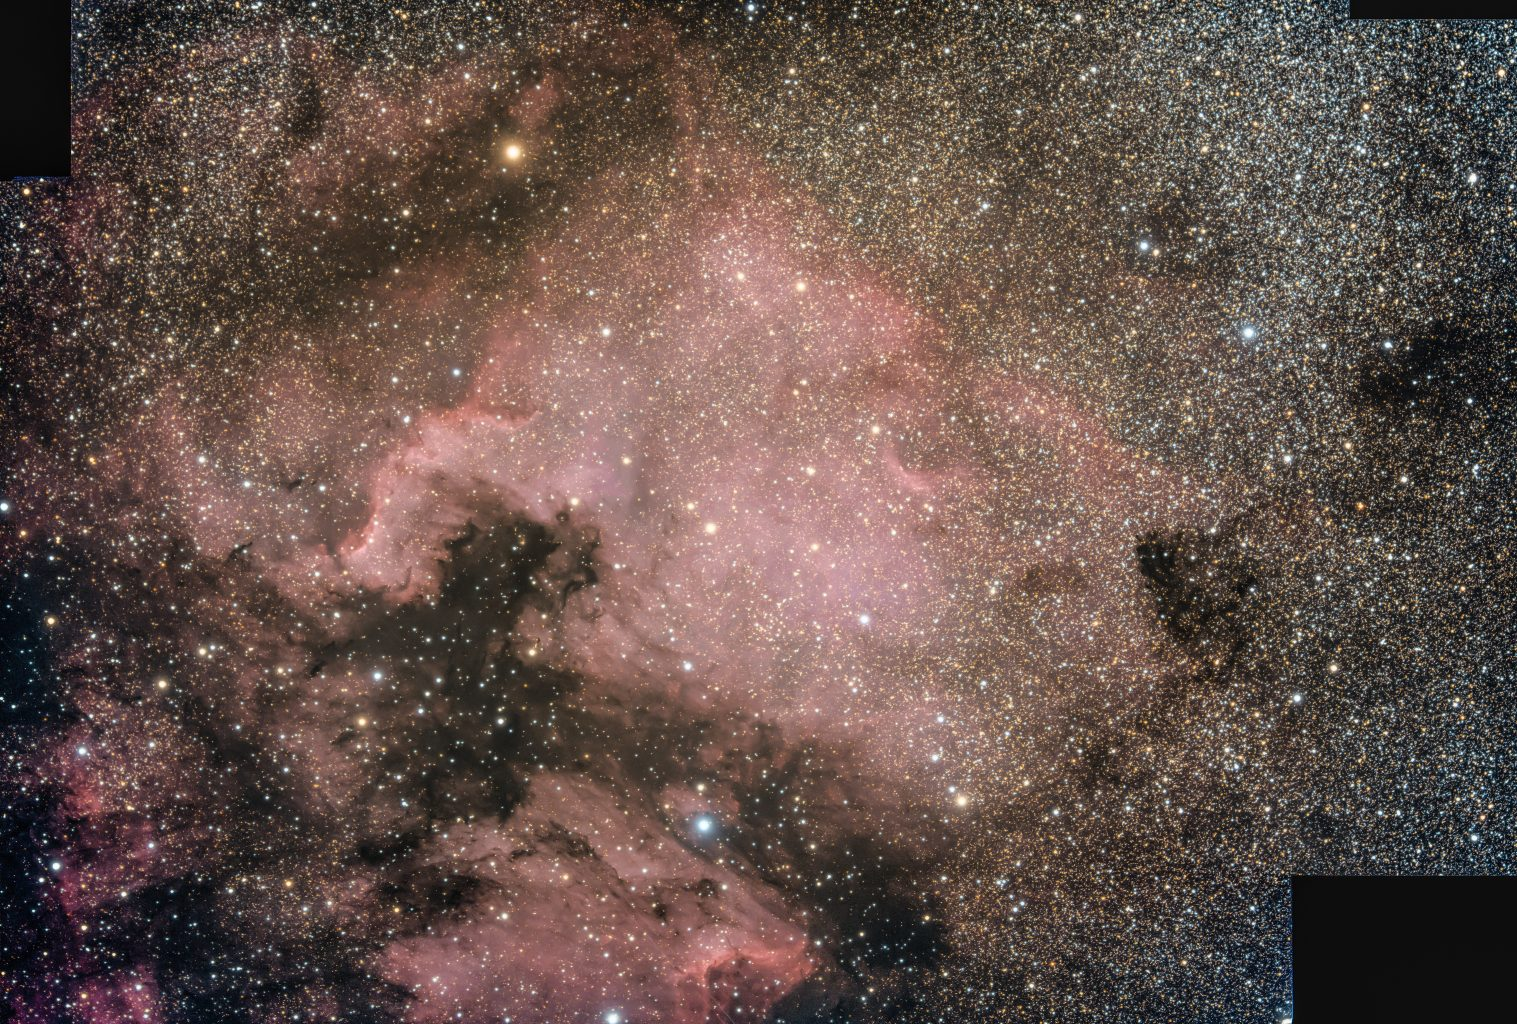 NGC7000_ASI2600MC_SharpStar76EDPH-St-70x300s-Meldert-Juli2020